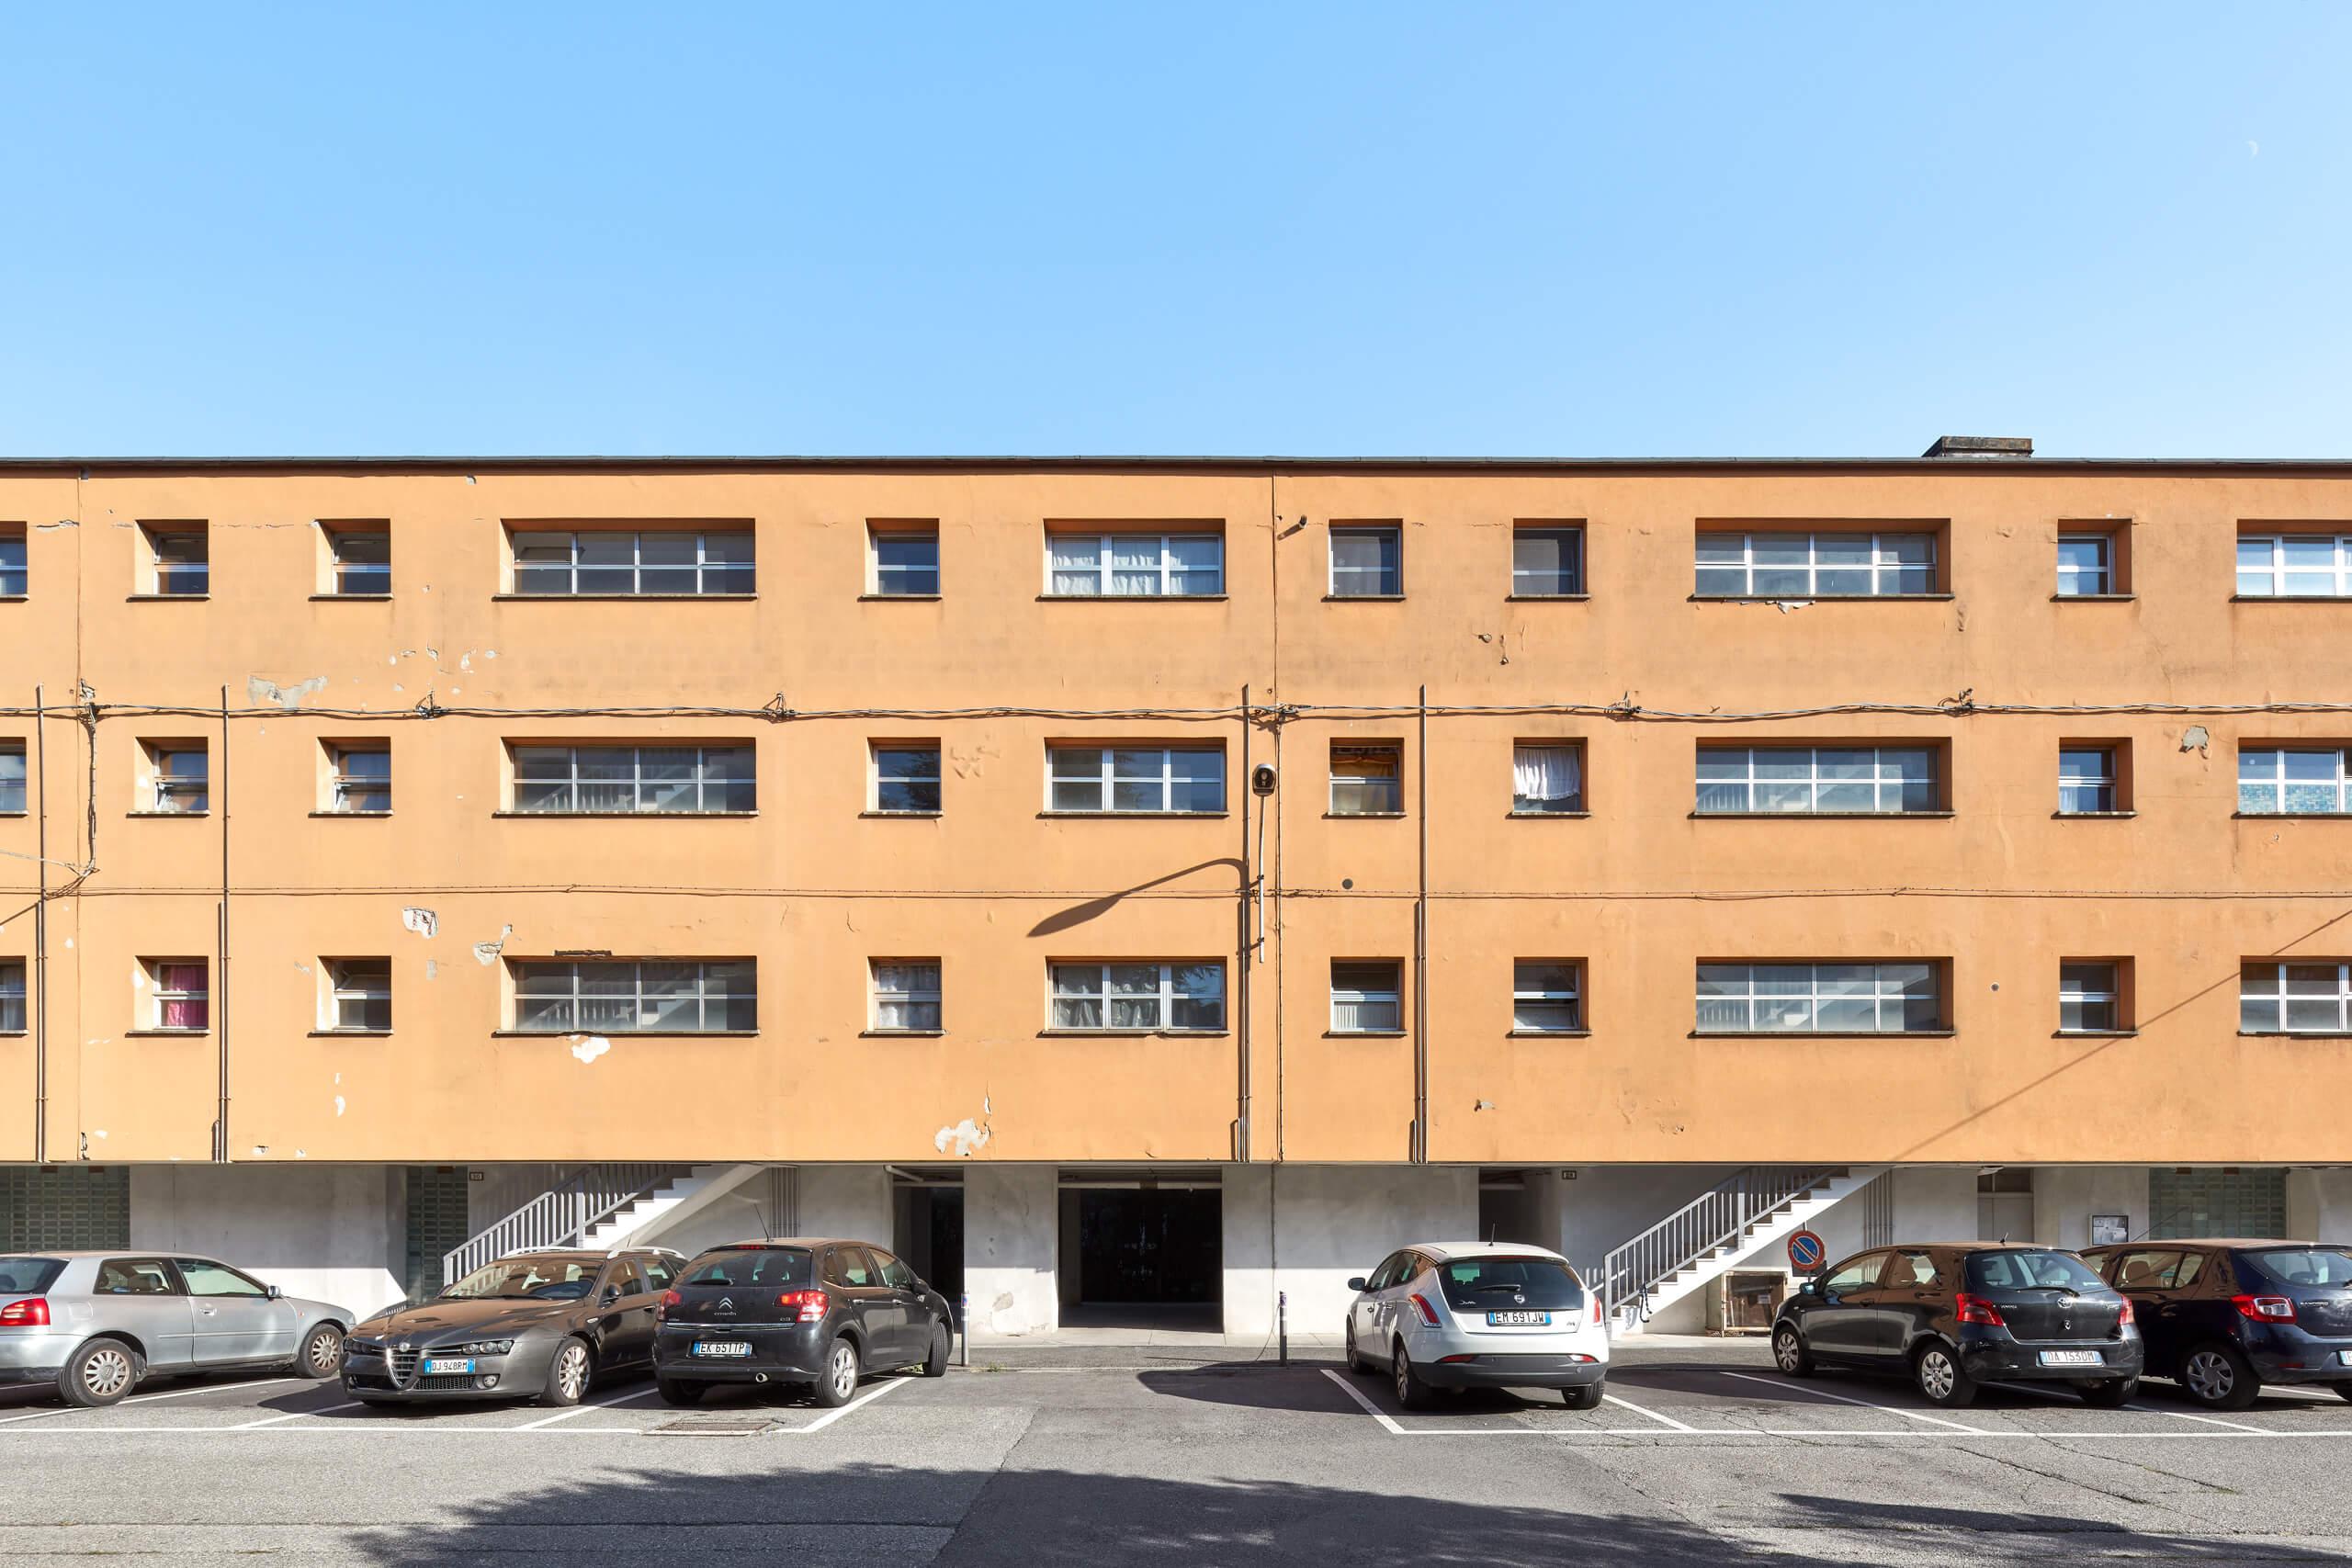 Federico_Covre_Casa_Popolare_Borgo_Olivetti_Figini_Pollini_1939-41_Ivrea_2020_03